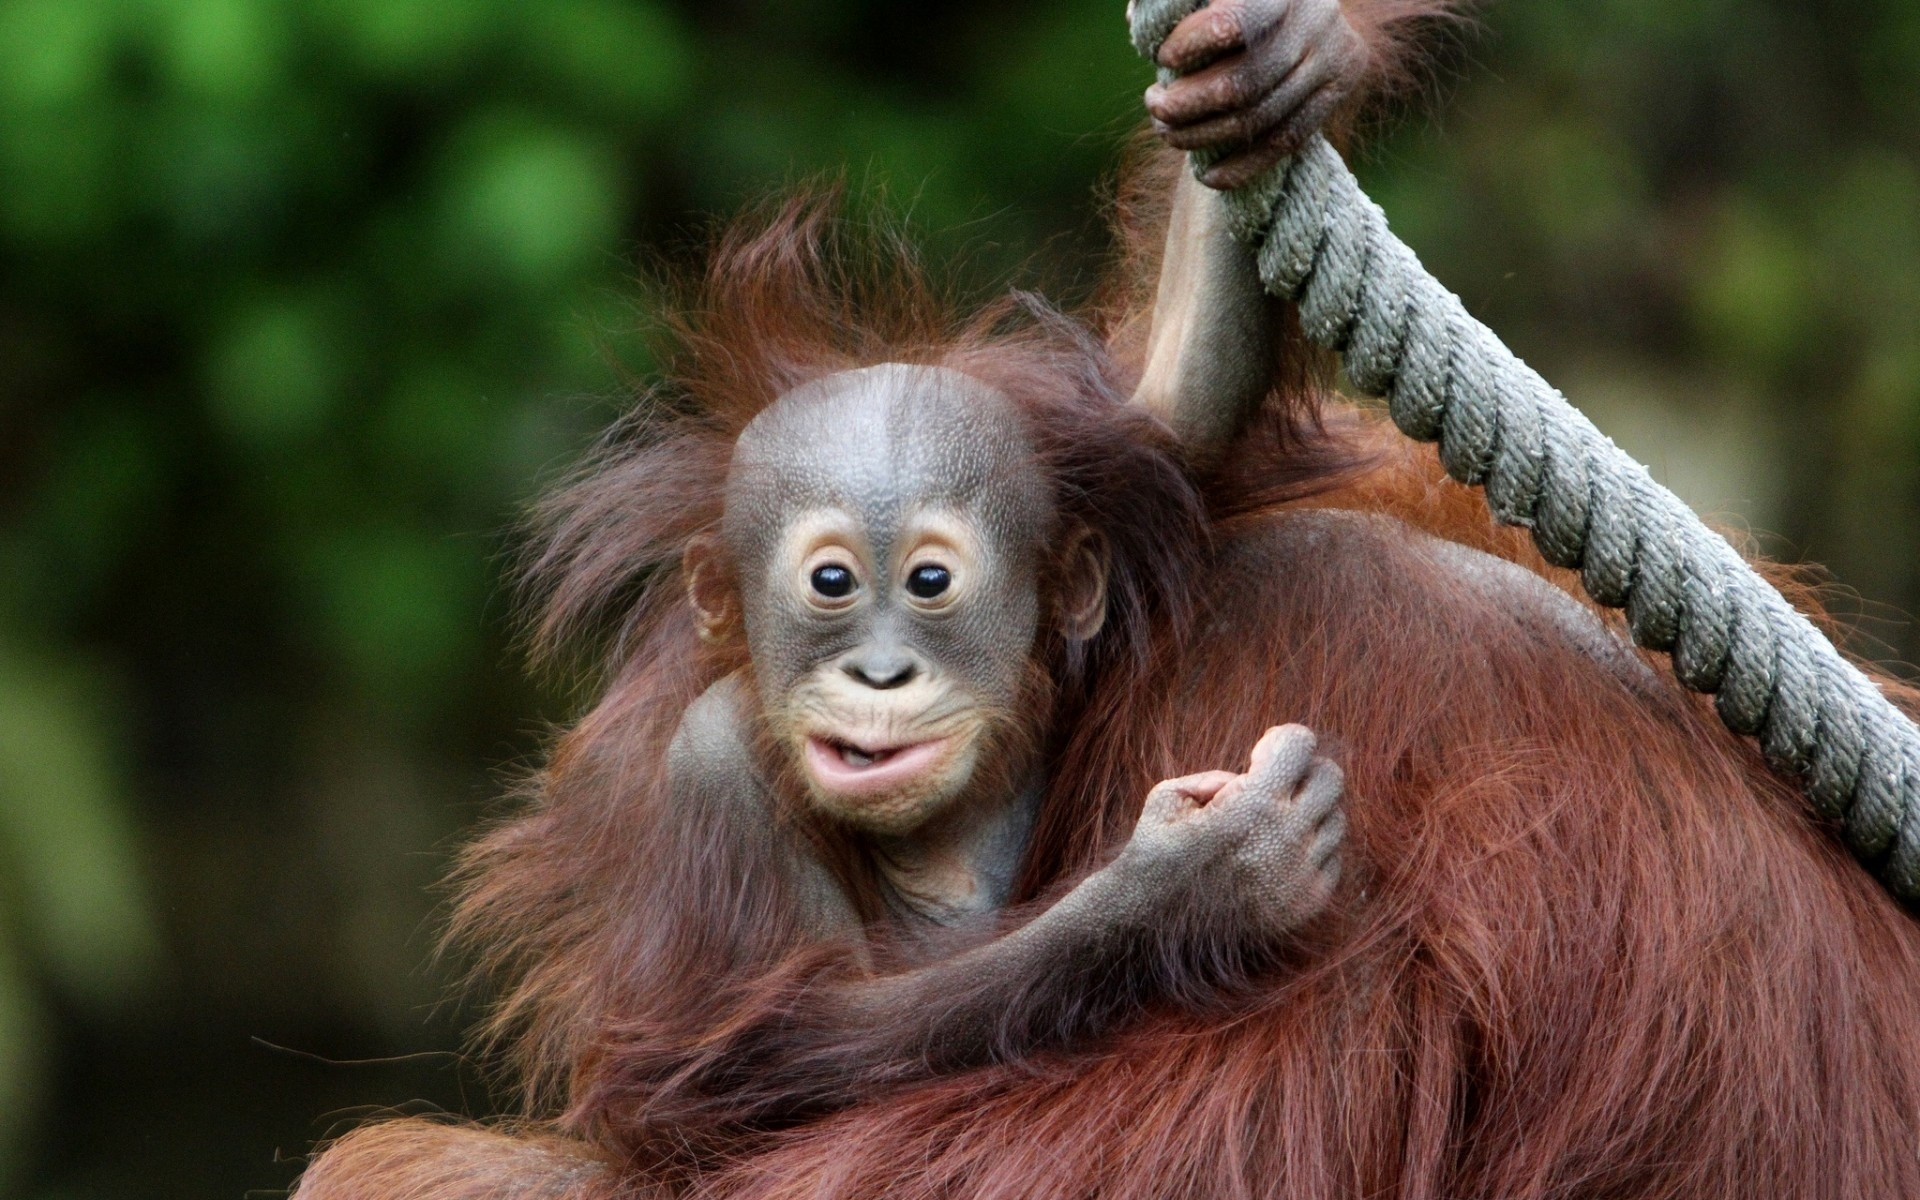 Αποτέλεσμα εικόνας για orangutan baby hd